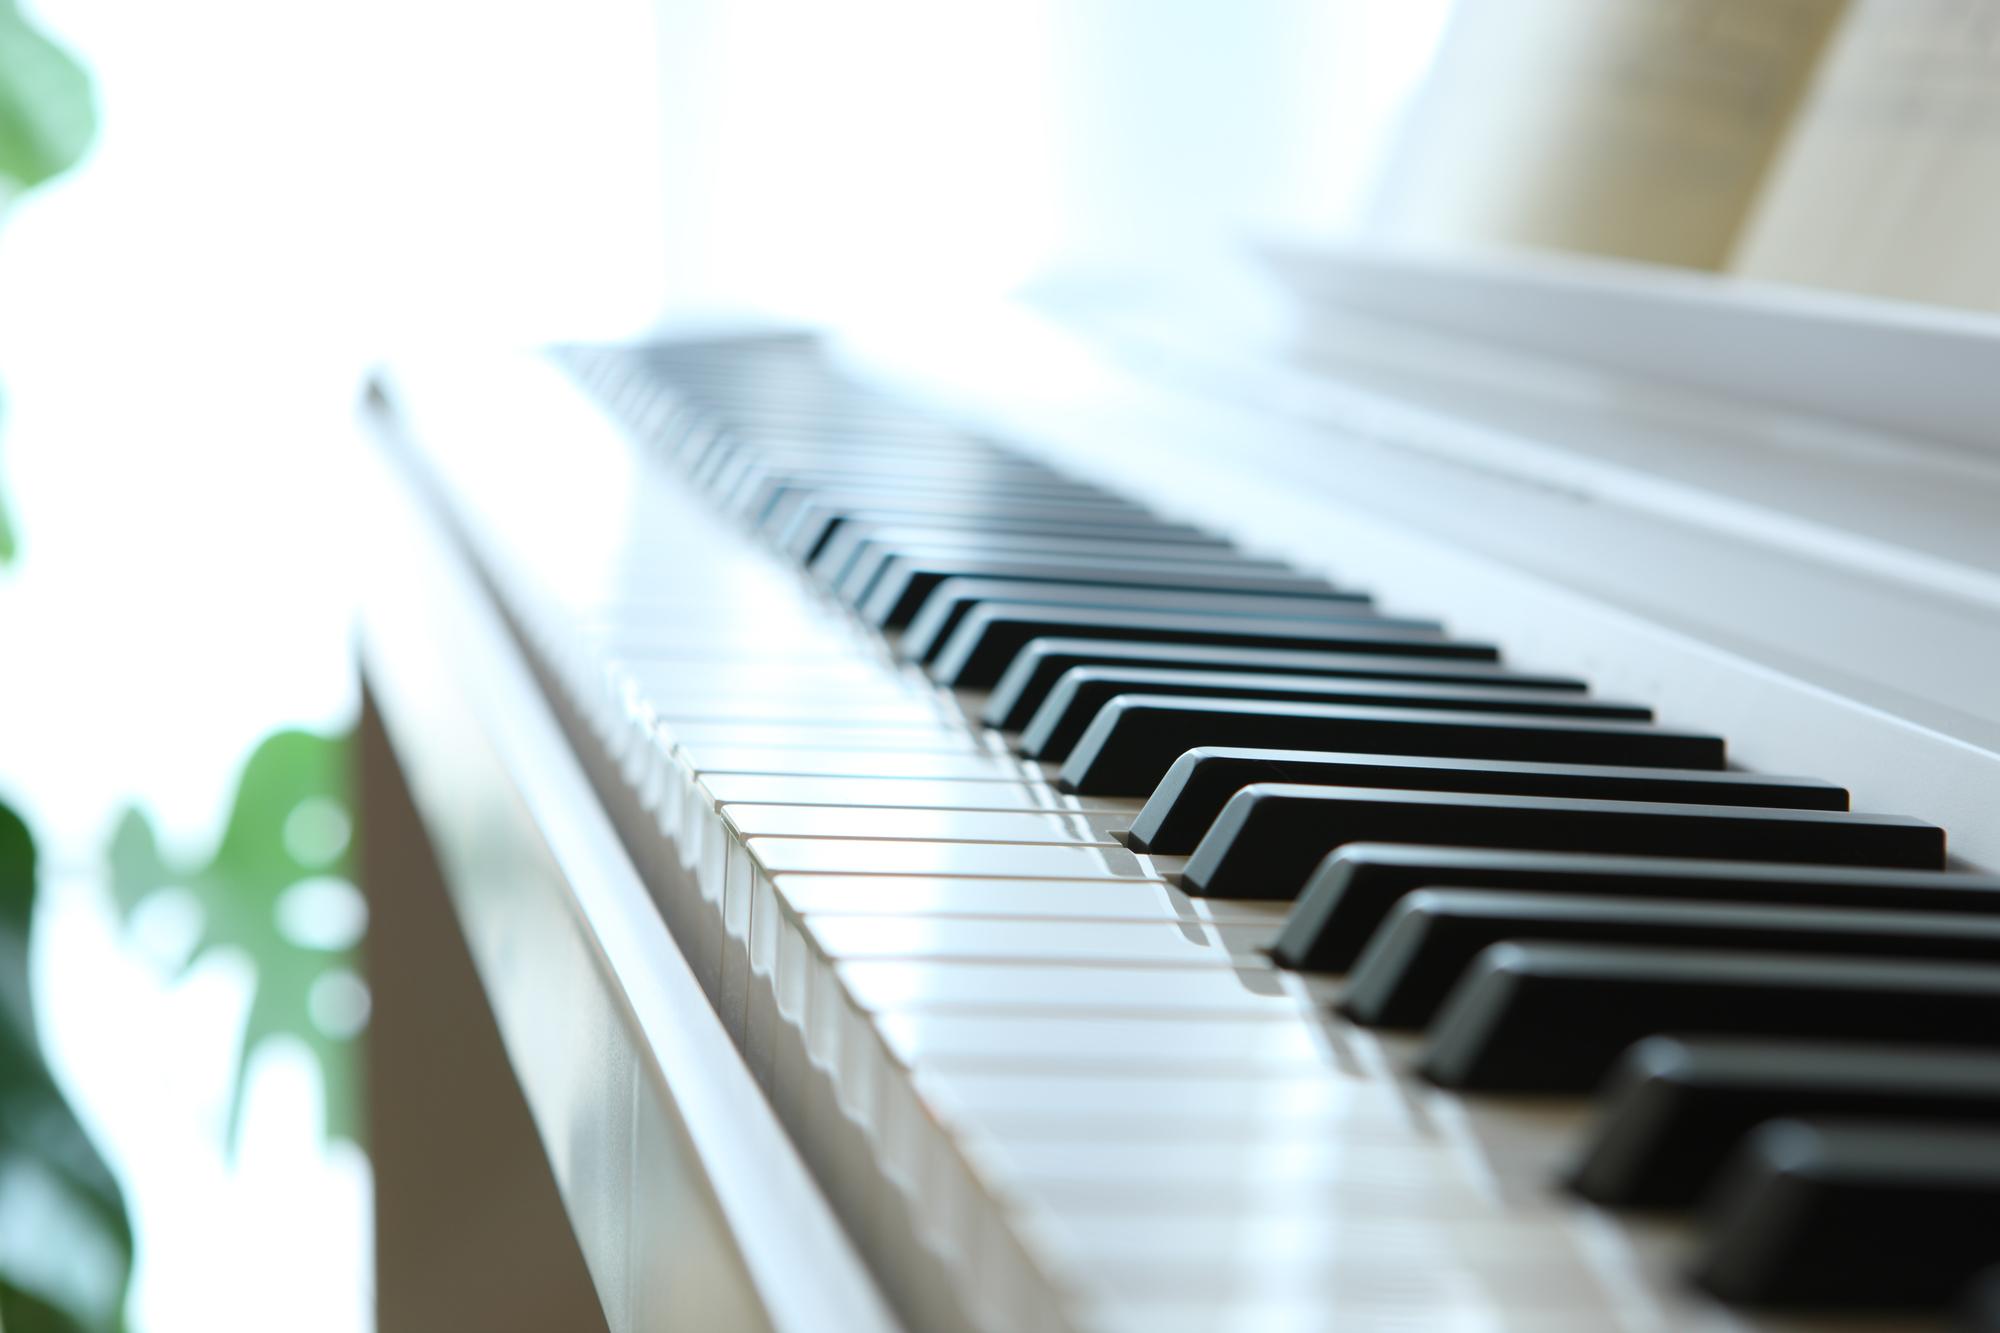 電子ピアノの保管は大変!保管前のお手入れから保管場所まで徹底解説